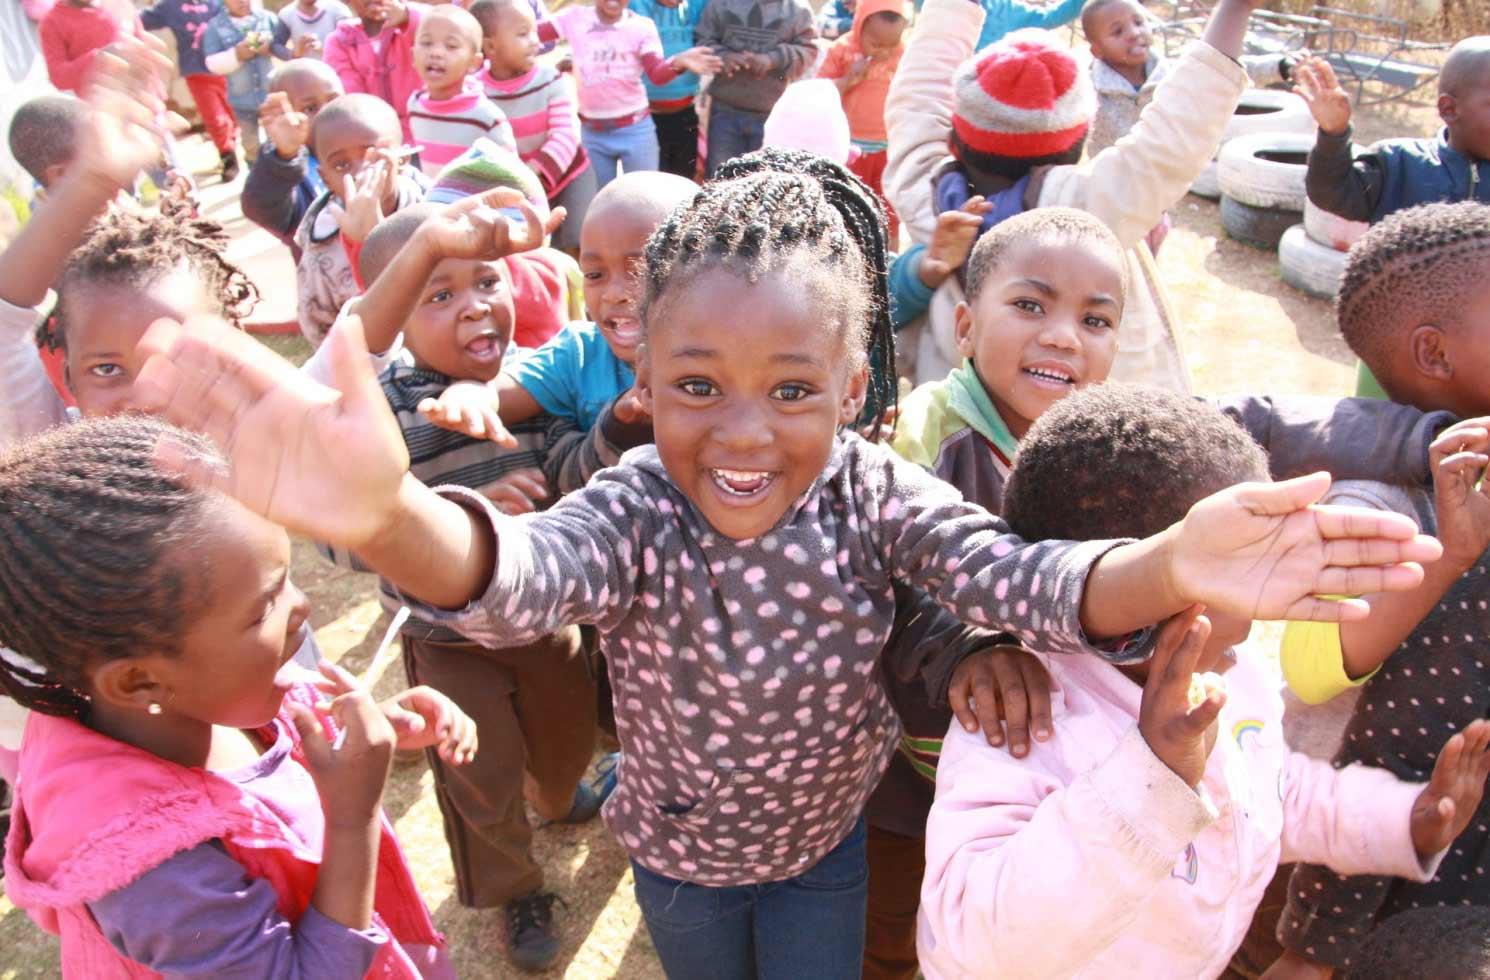 Praktikum in Südafrika